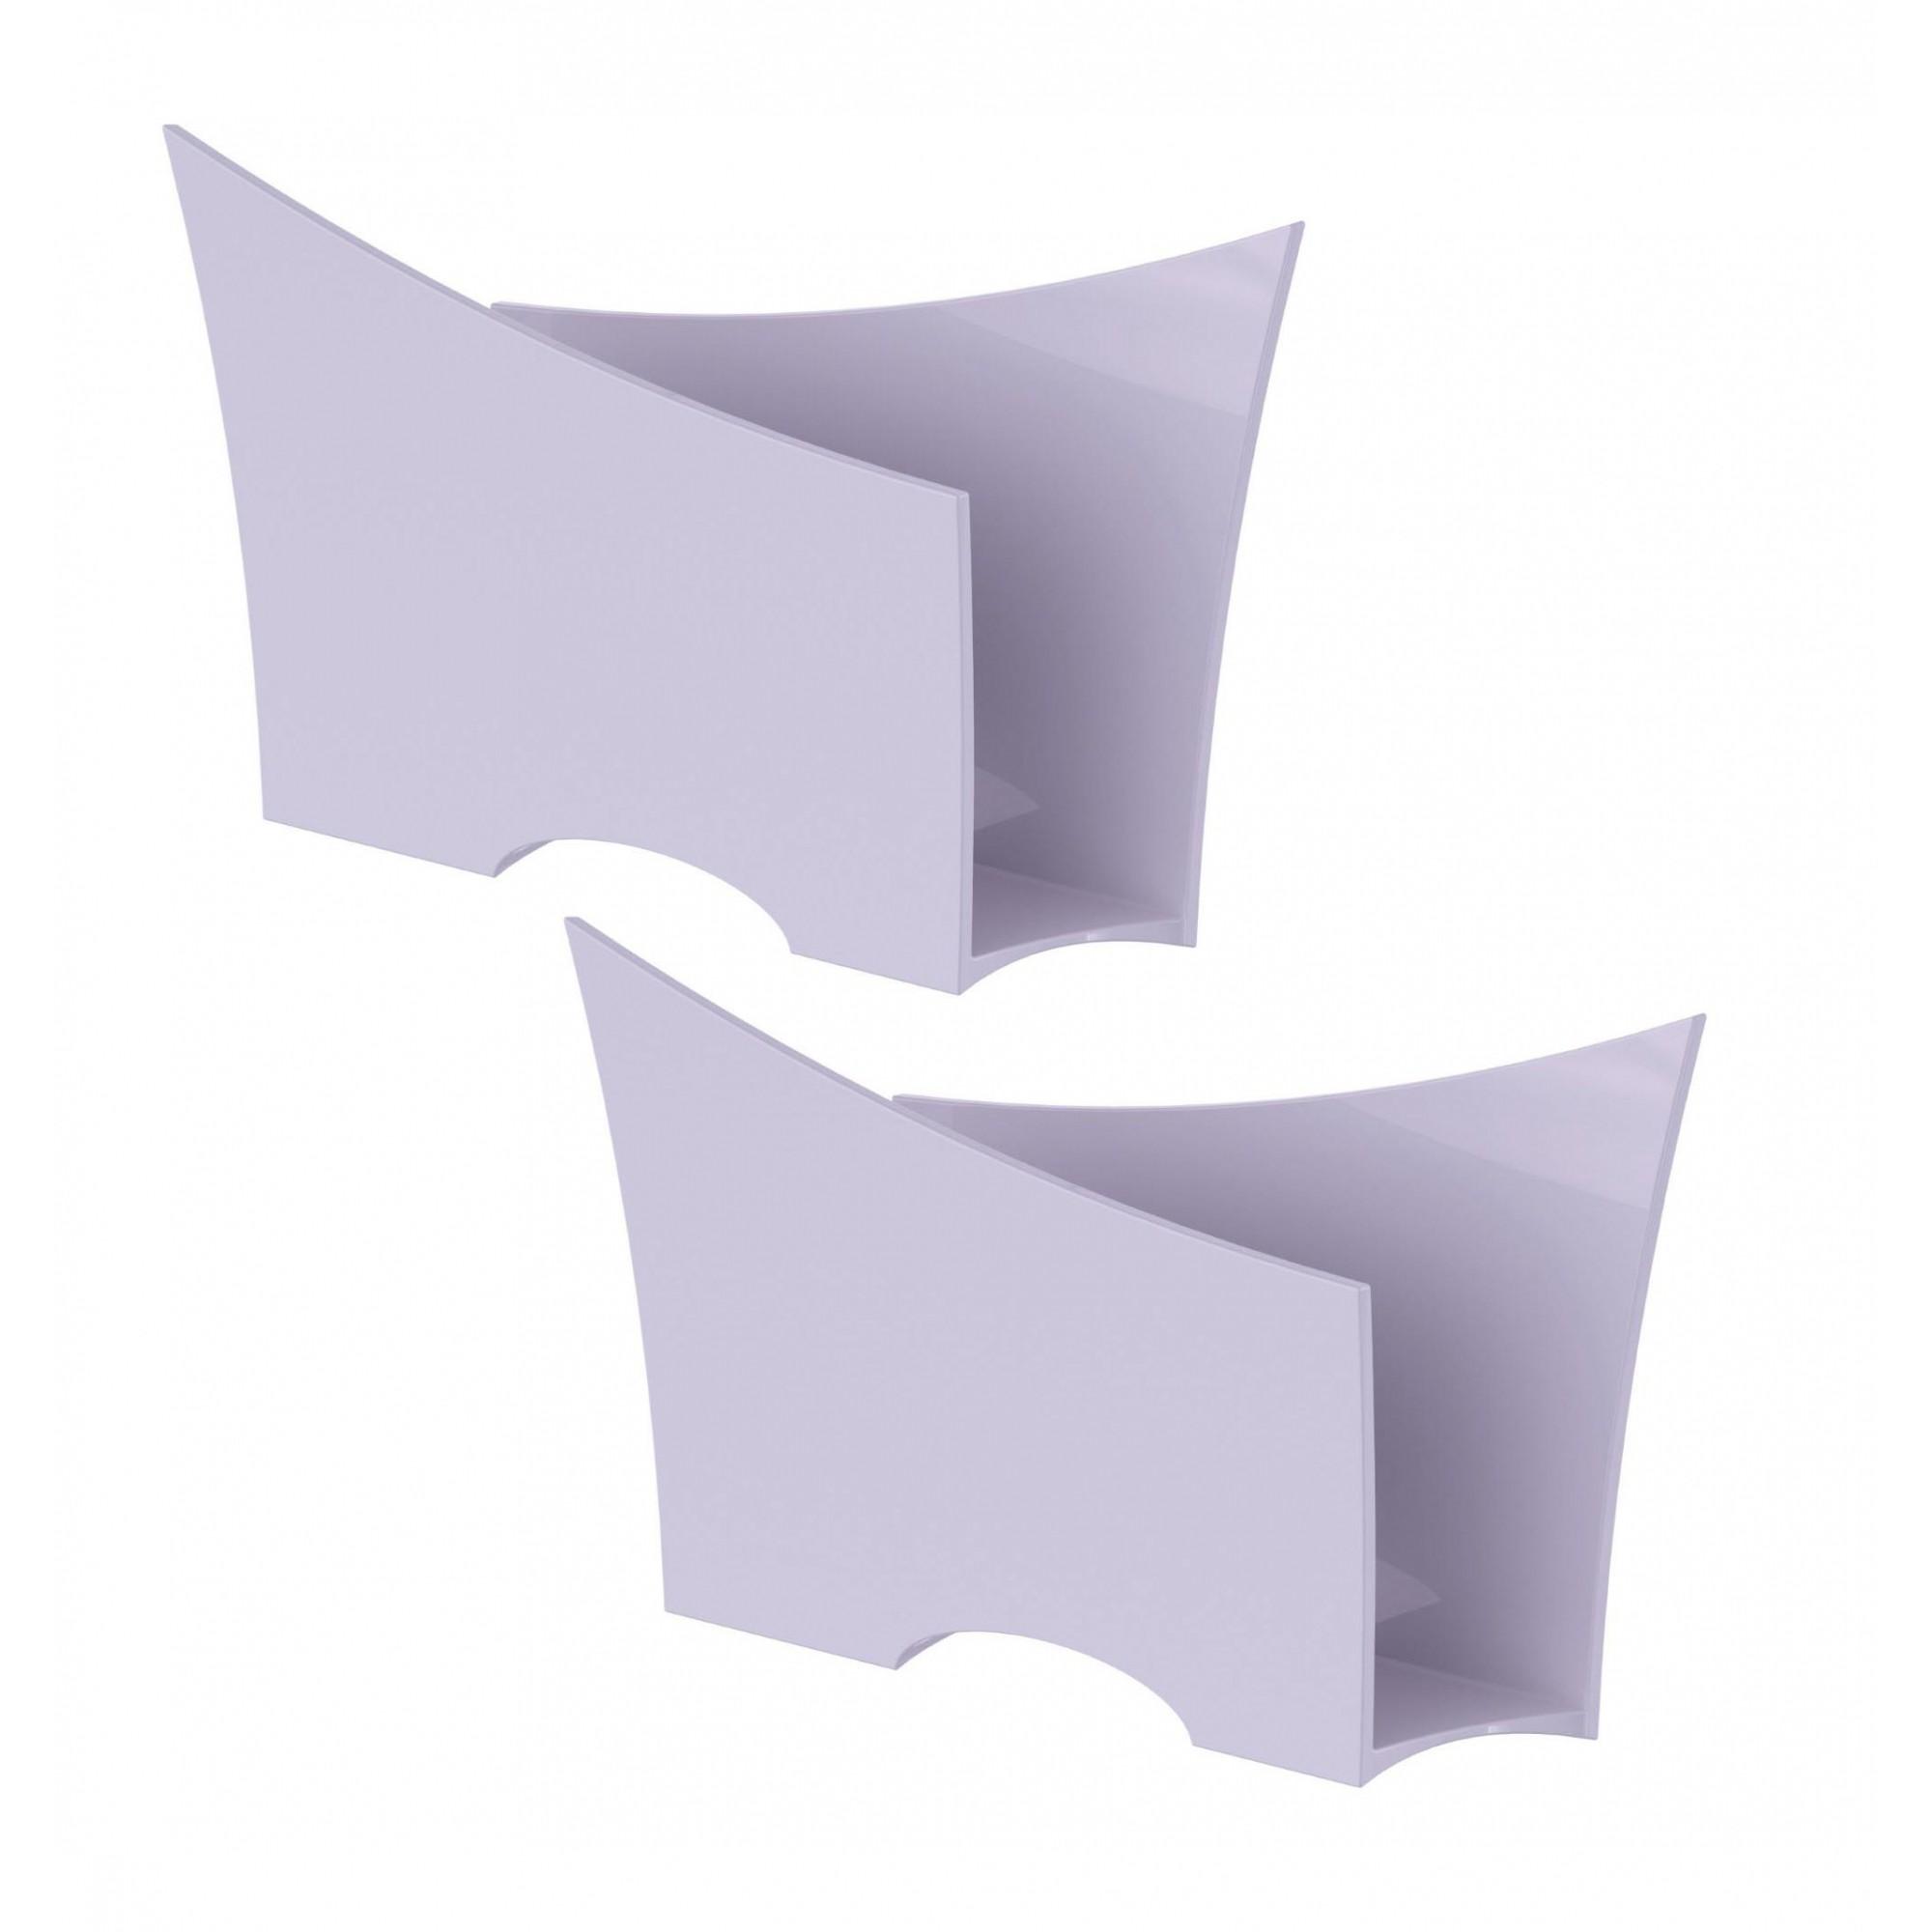 Kit 2 Porta Guardanapo Quadrado Plástico UZ Branco